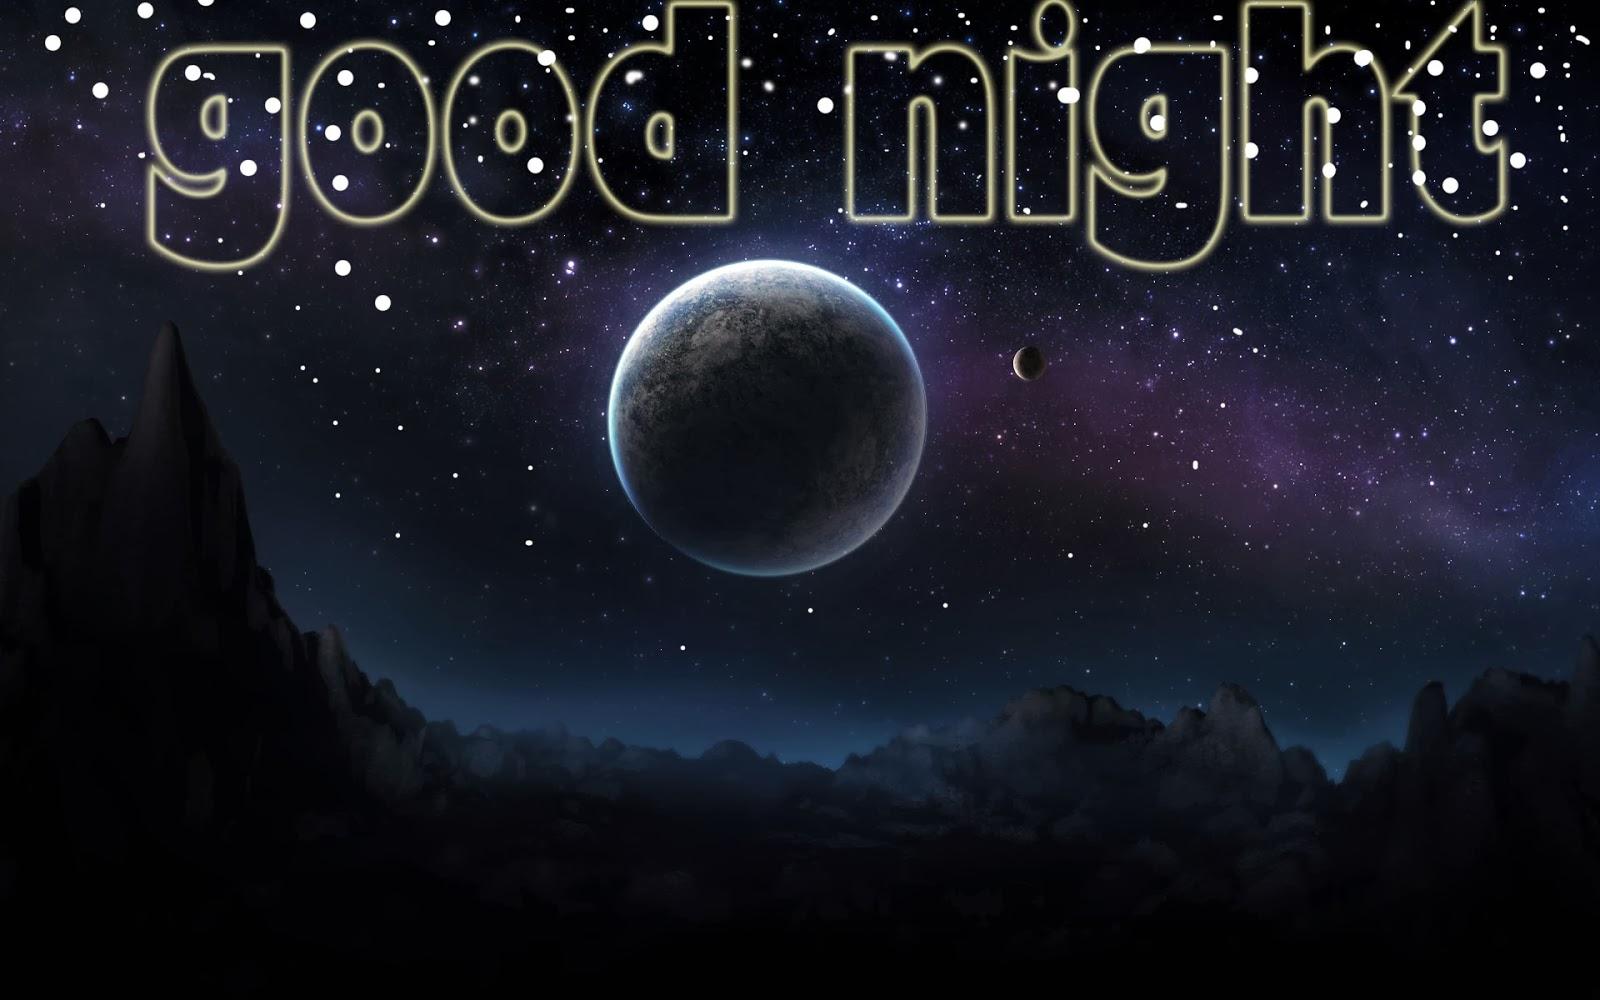 صور مساء الخير Good Night صور مكتوب عليها مساء الخير (6)